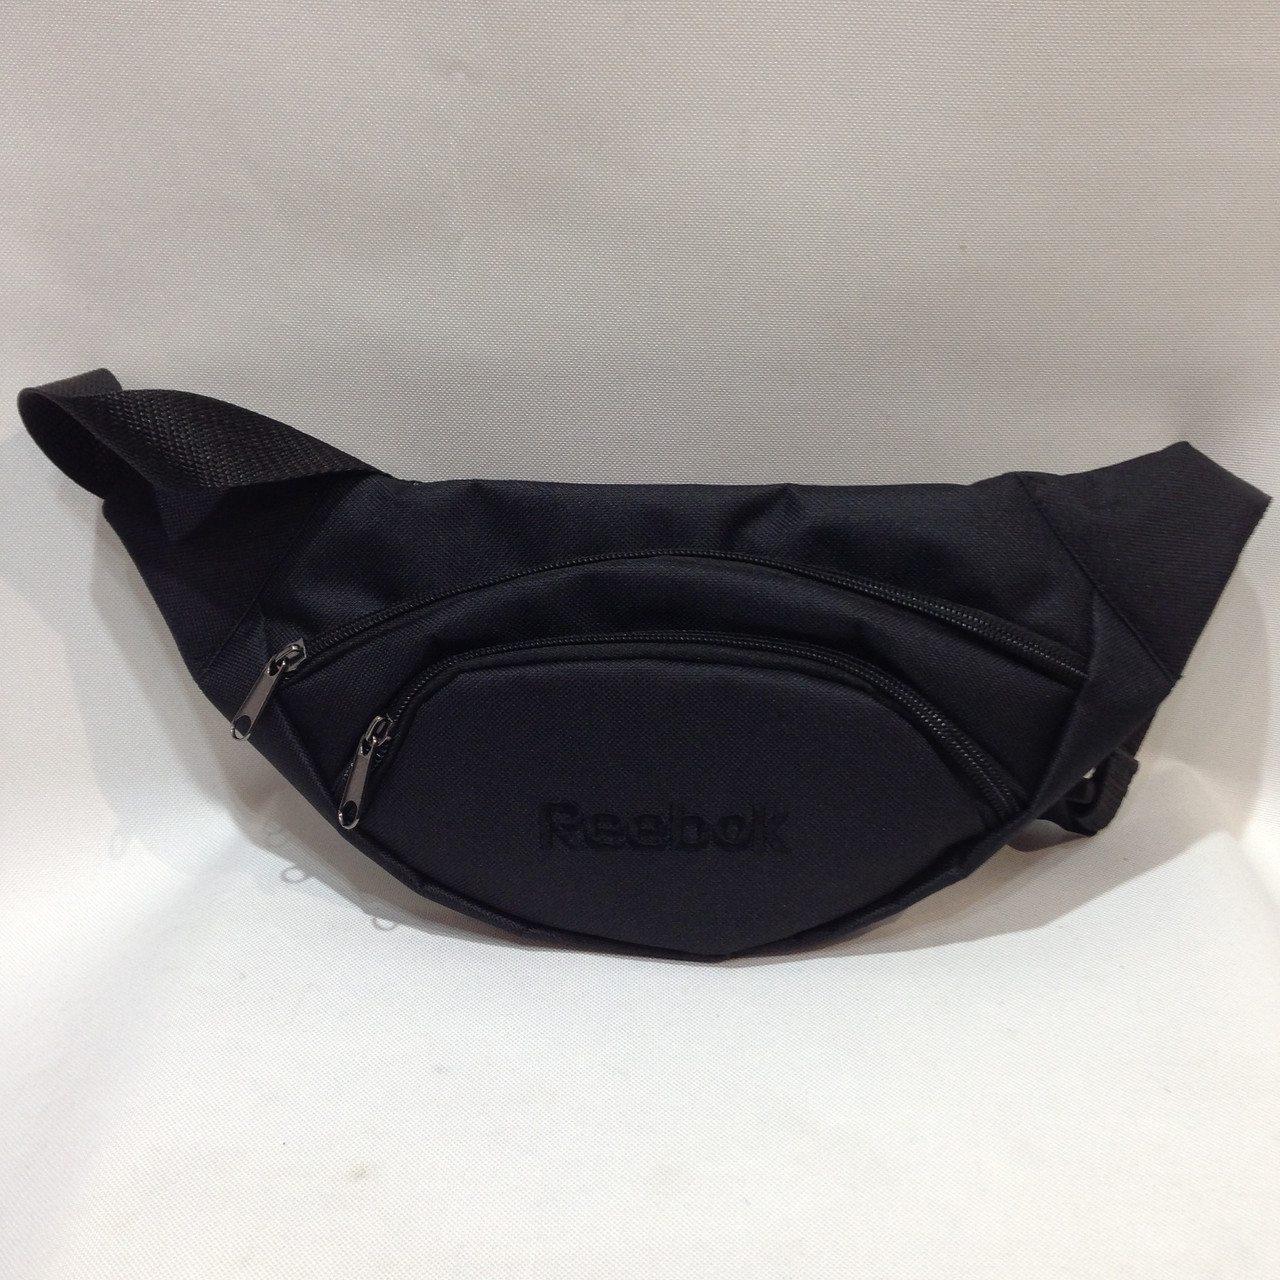 Поясная сумка  Reebok / Рибок (реплика) черного цвета